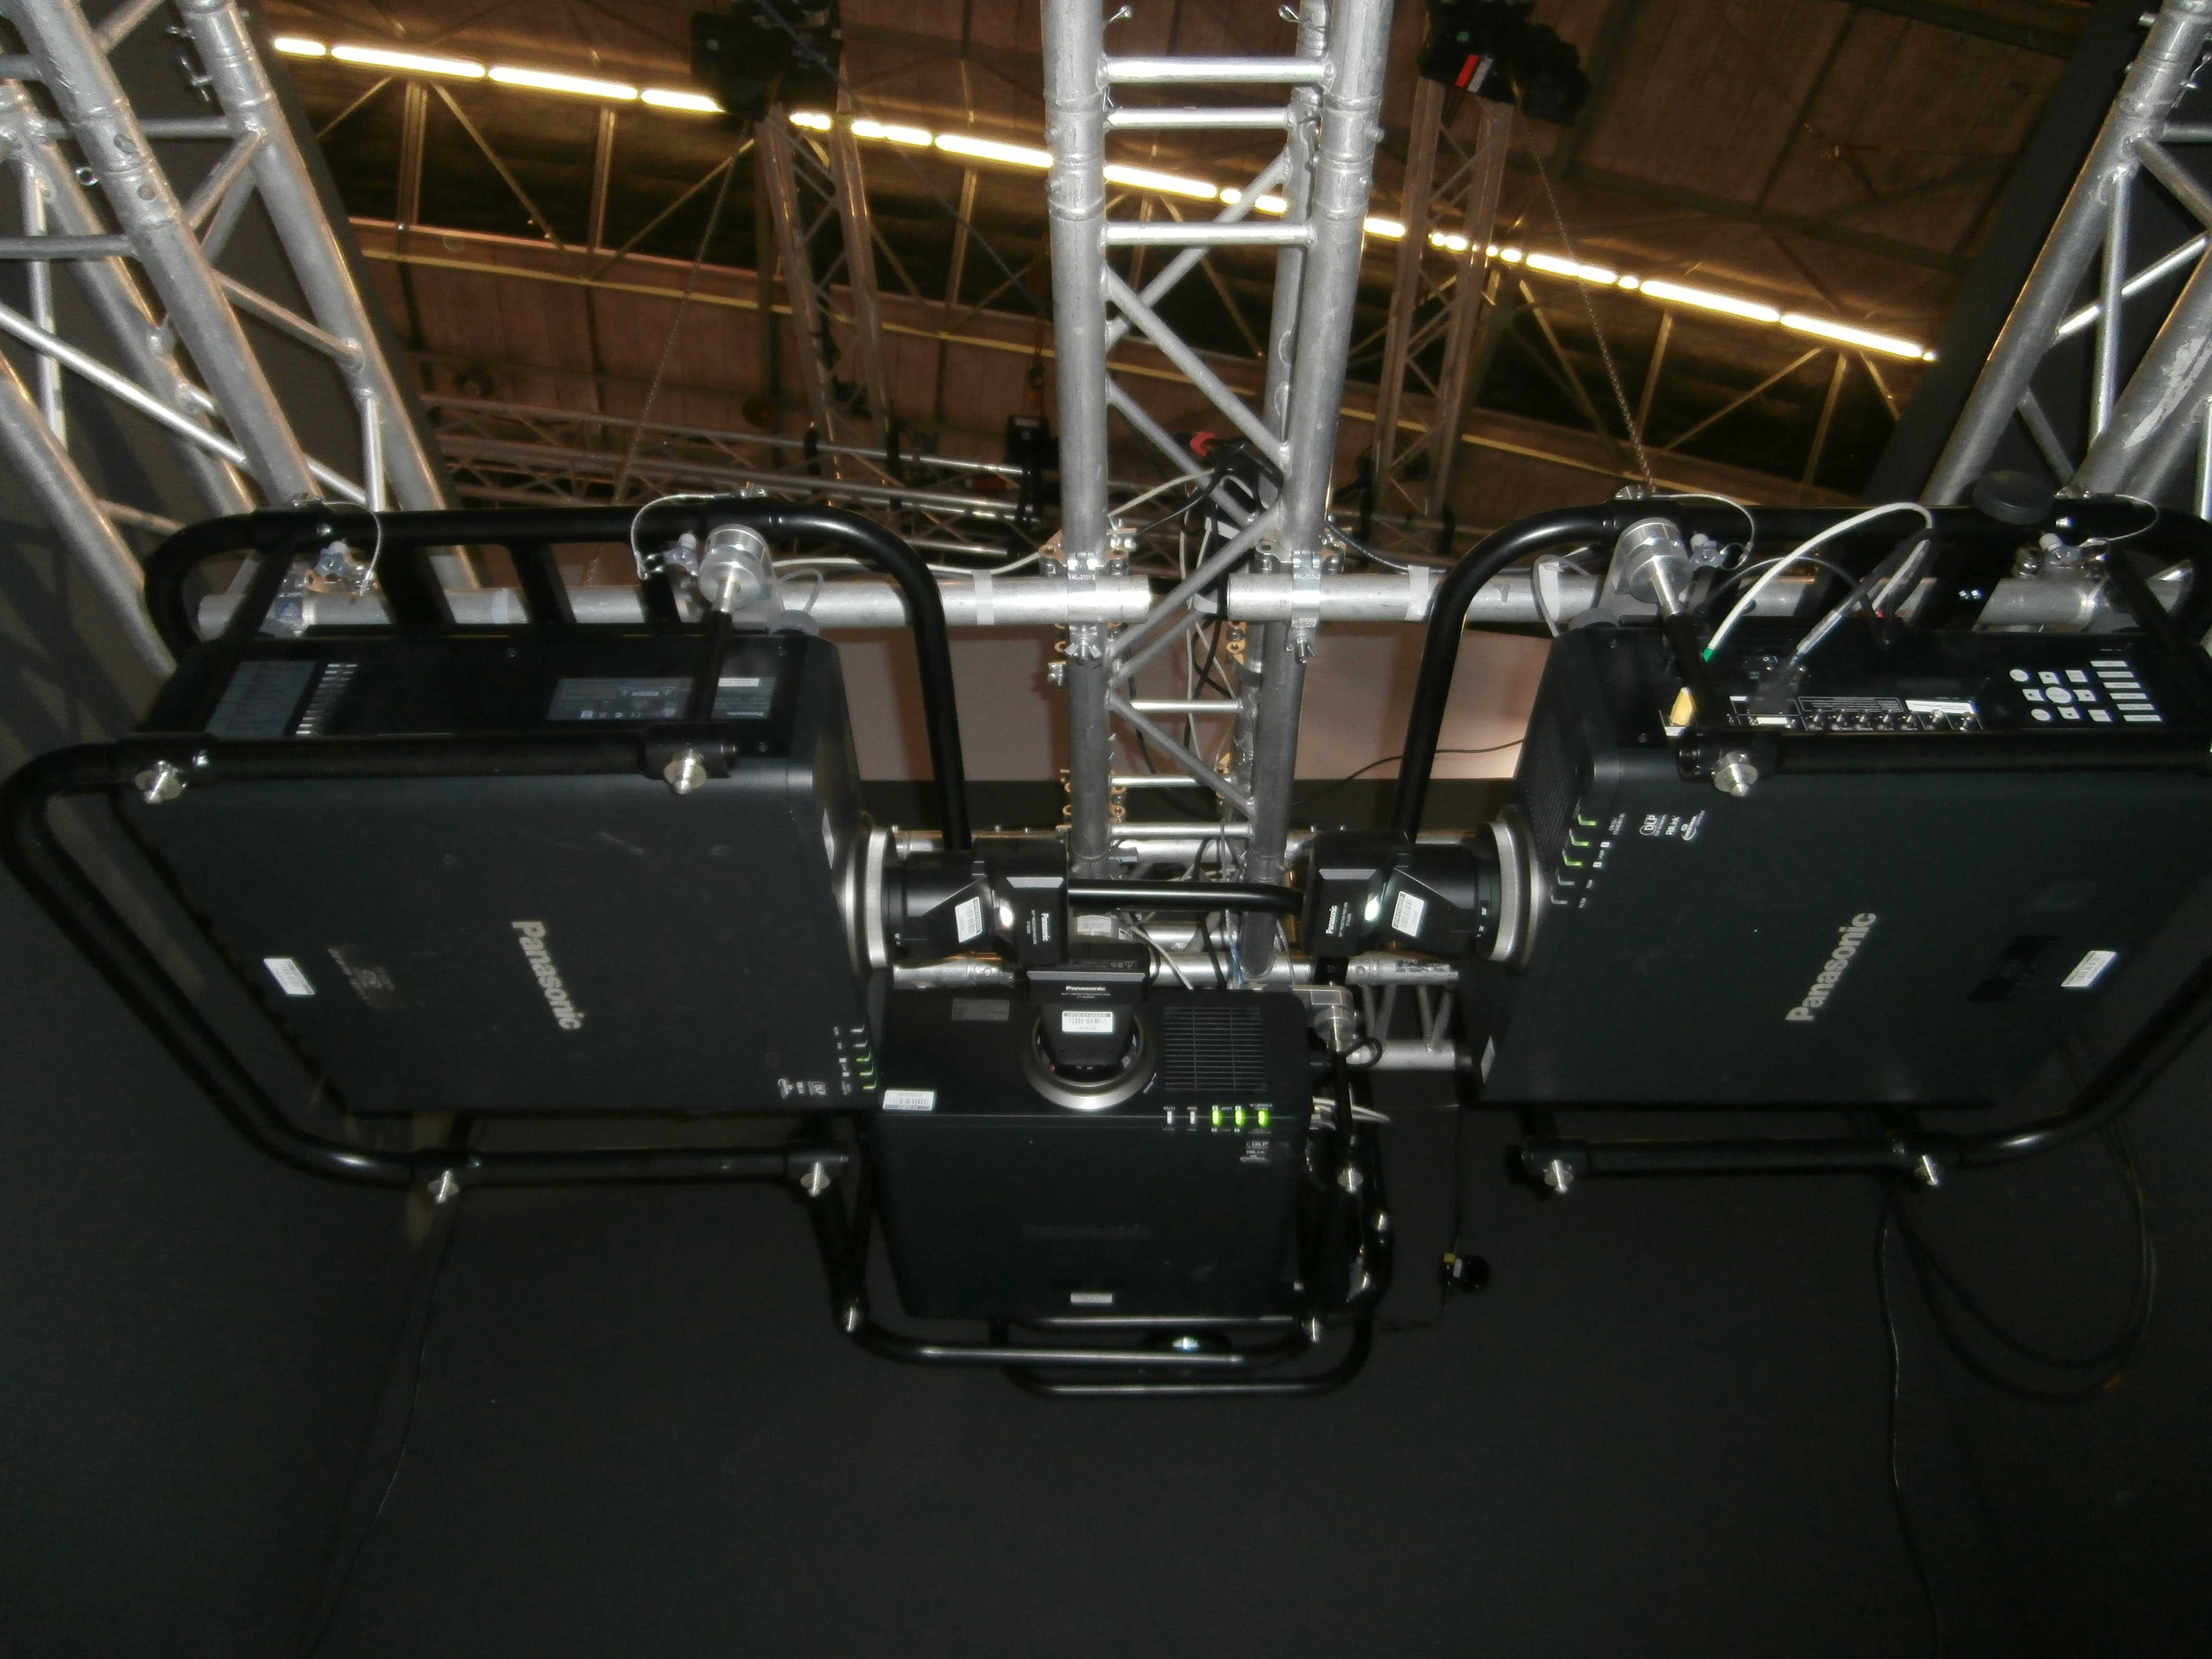 Trzy projektory Panasonic  obiektywami ET-DLE030